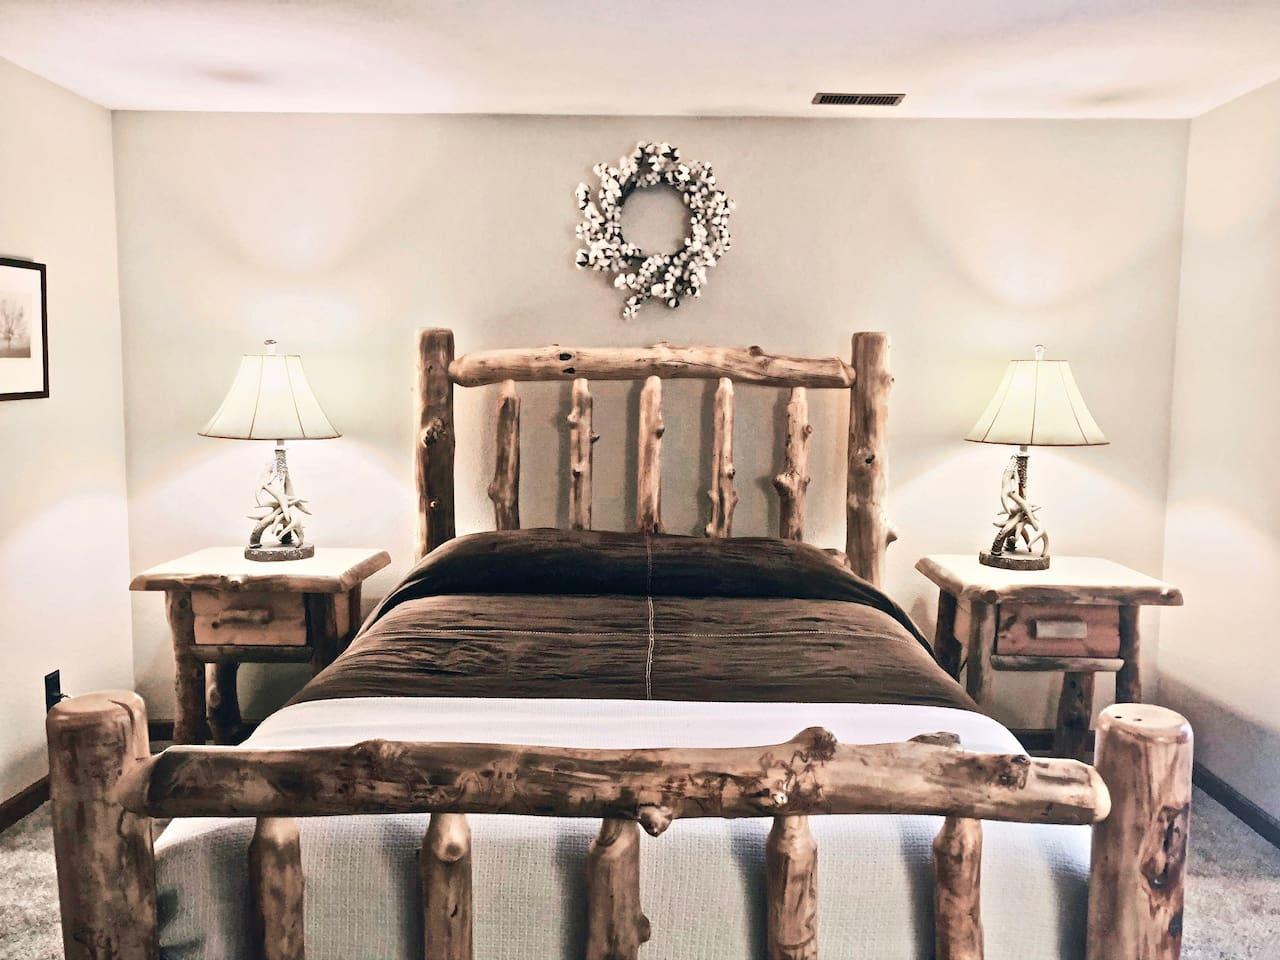 Rustic / Modern Decor - Bedroom #1 / Queen